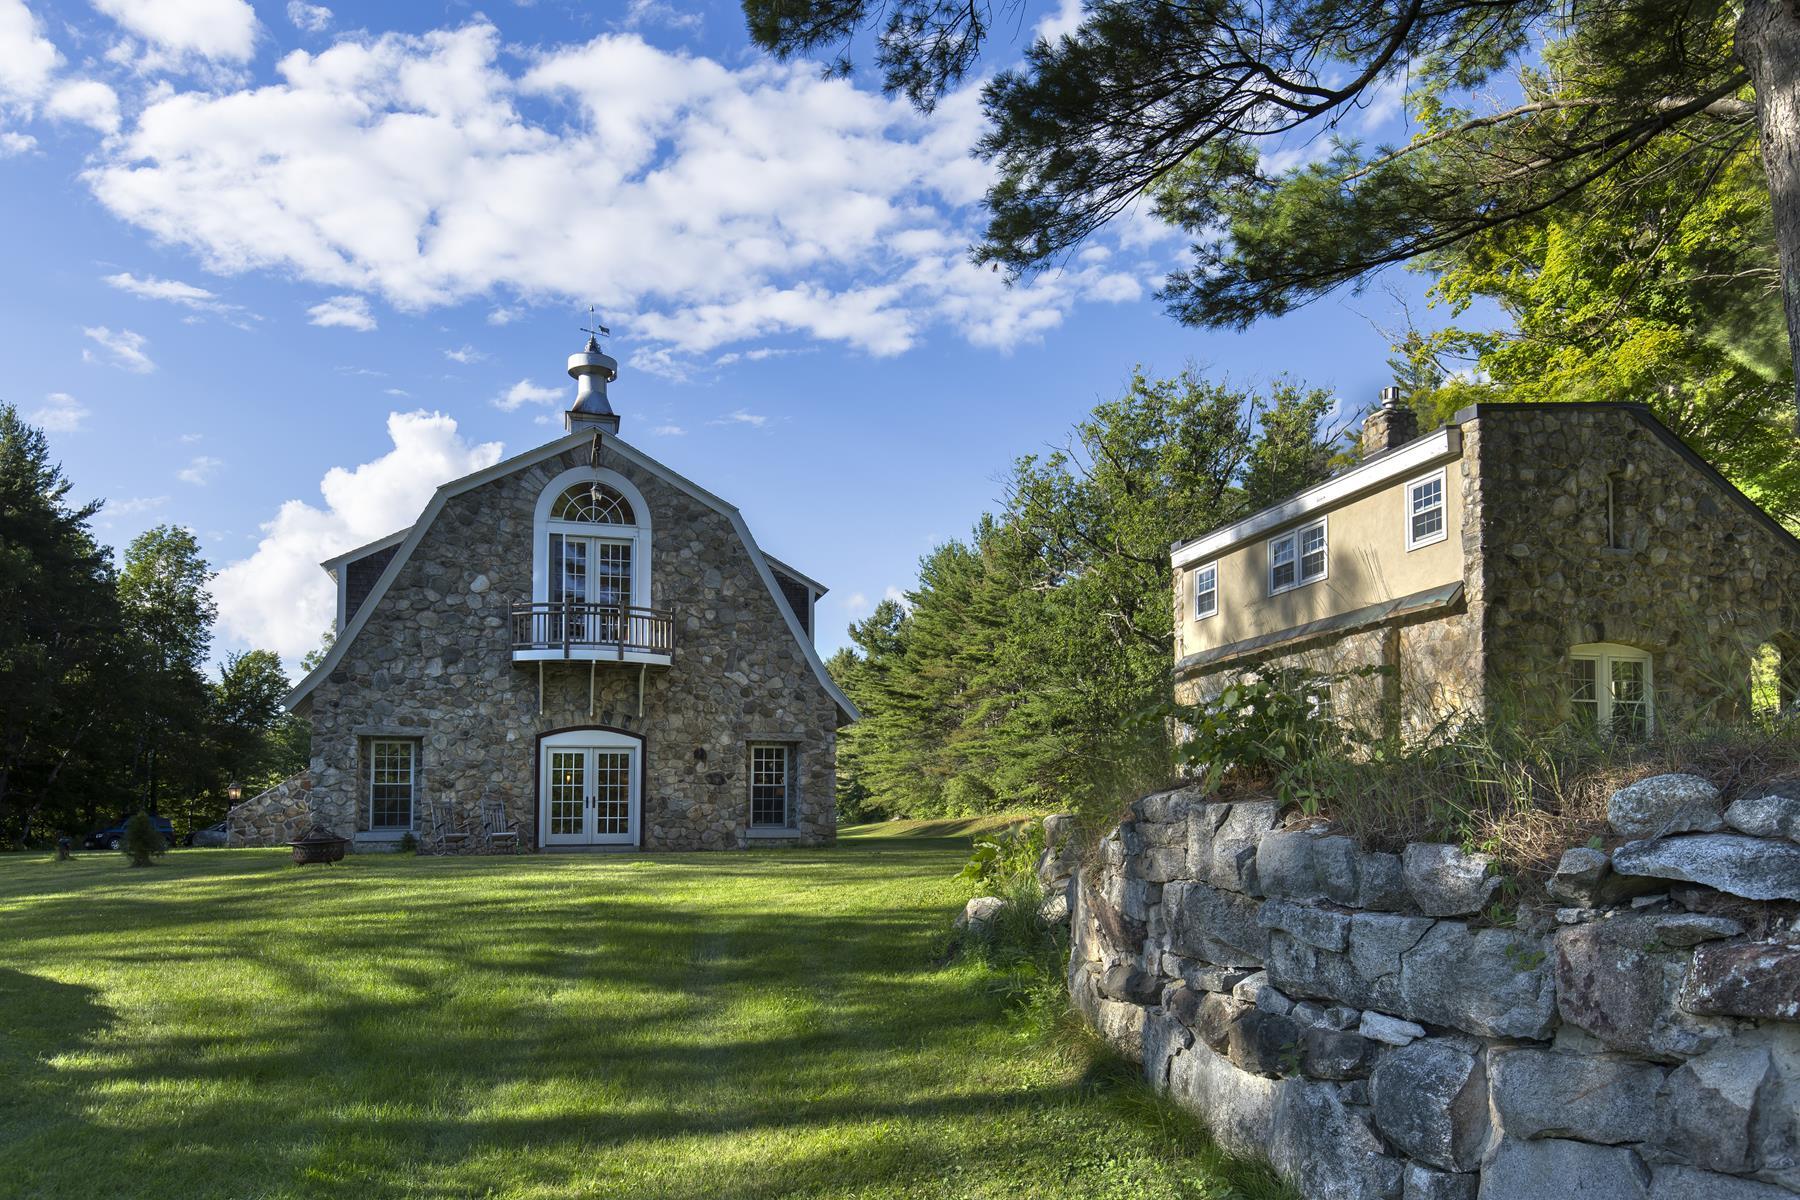 Частный односемейный дом для того Продажа на 4 Malia Terrace, Newbury Newbury, Нью-Гэмпшир, 03255 Соединенные Штаты